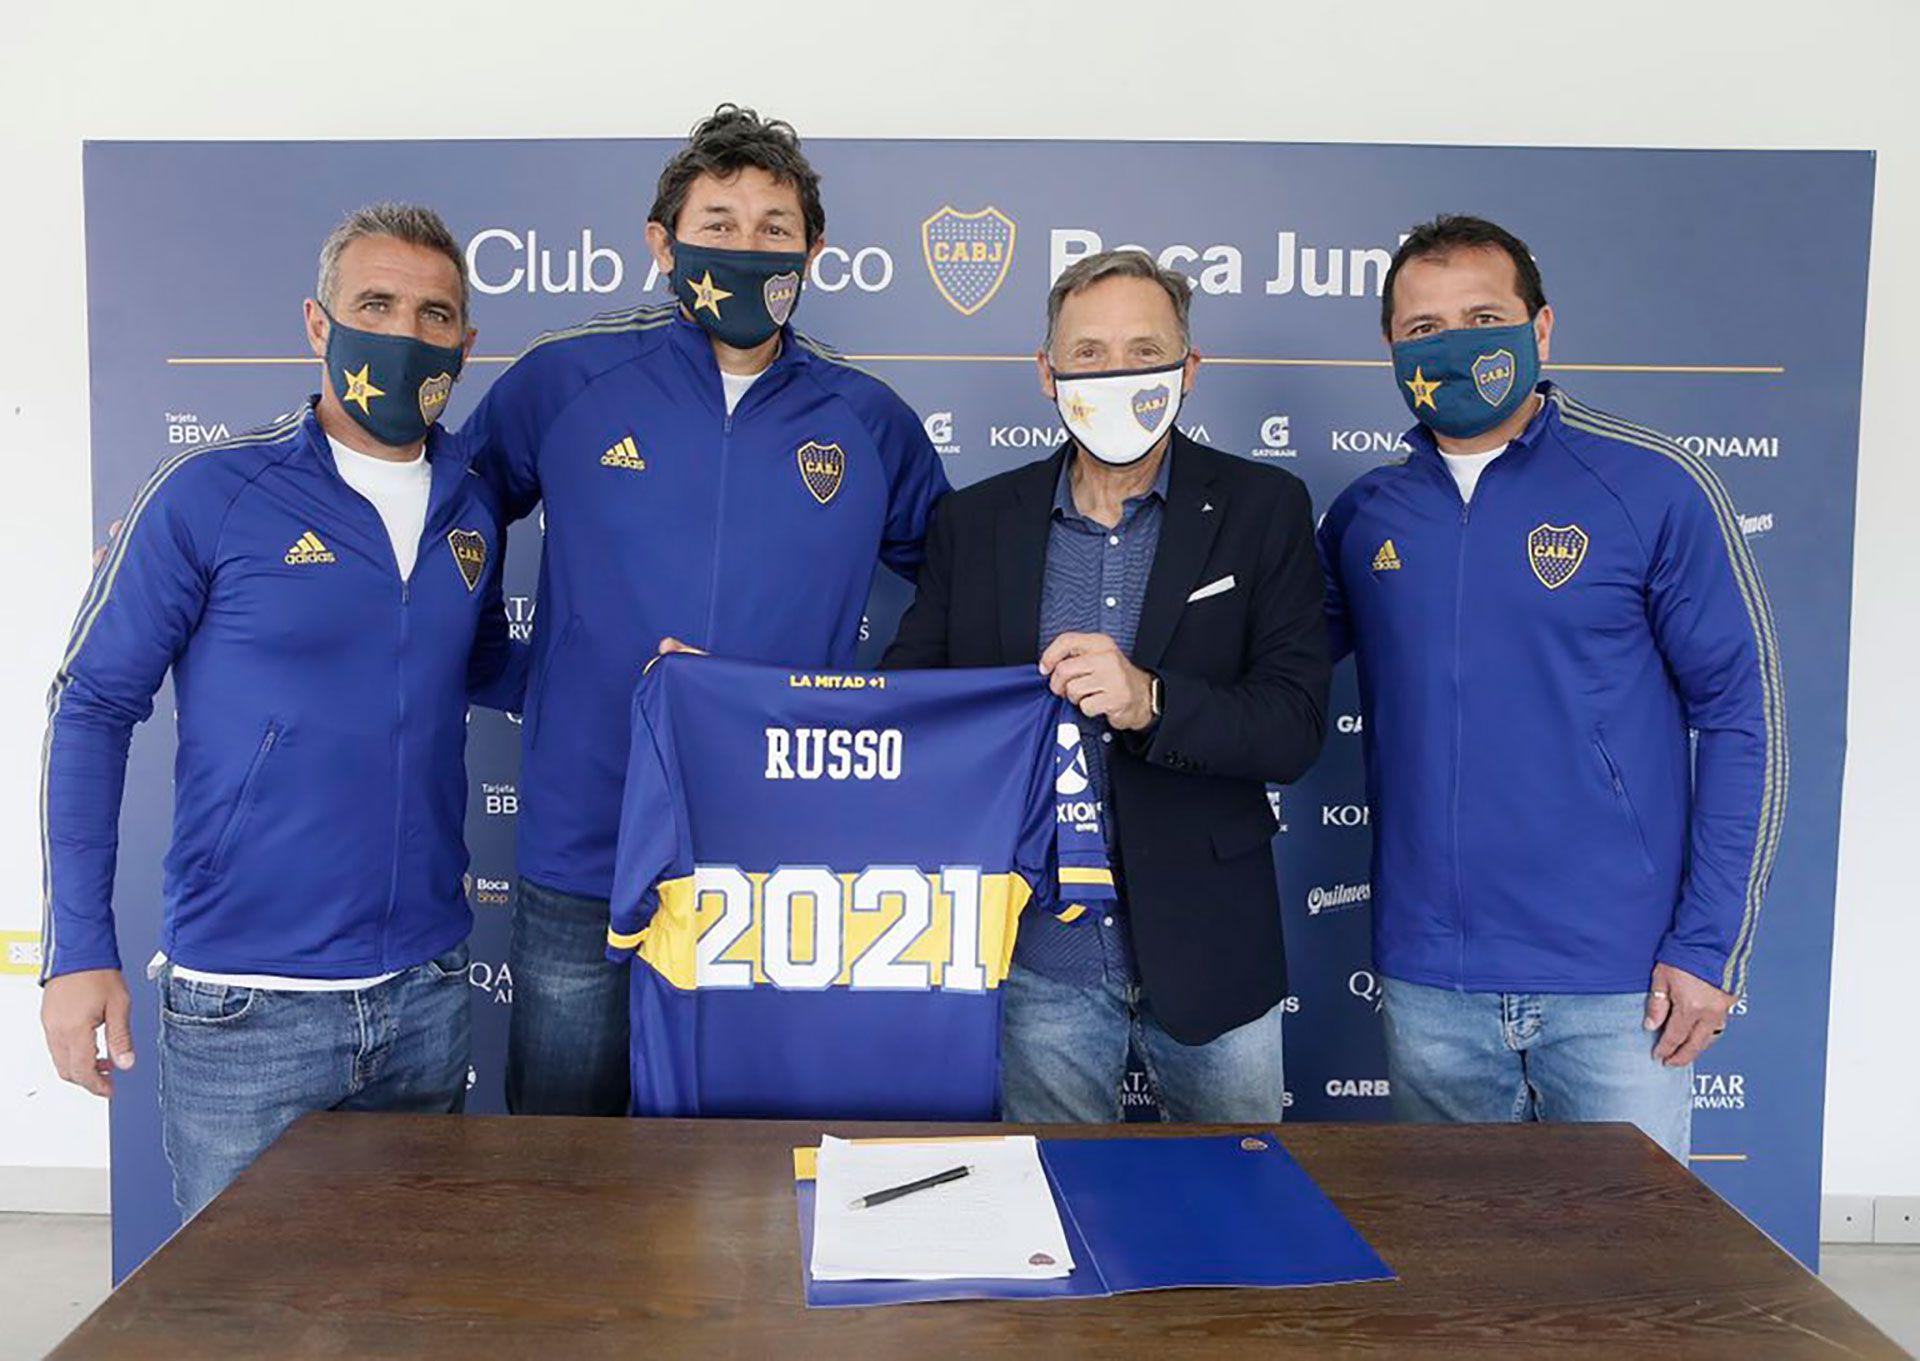 renovación de contrato de Russo en Boca